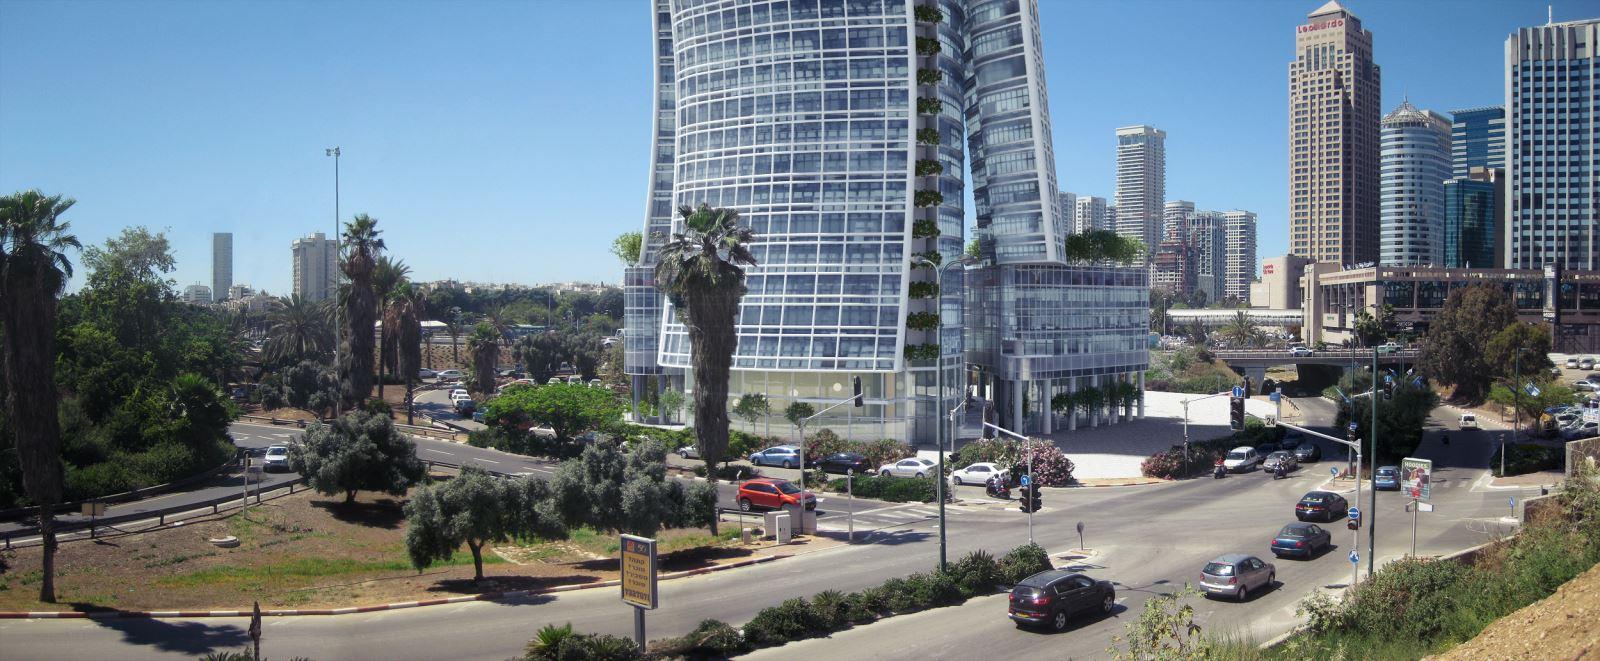 проекты новых небоскребов в израиле фото напоминают